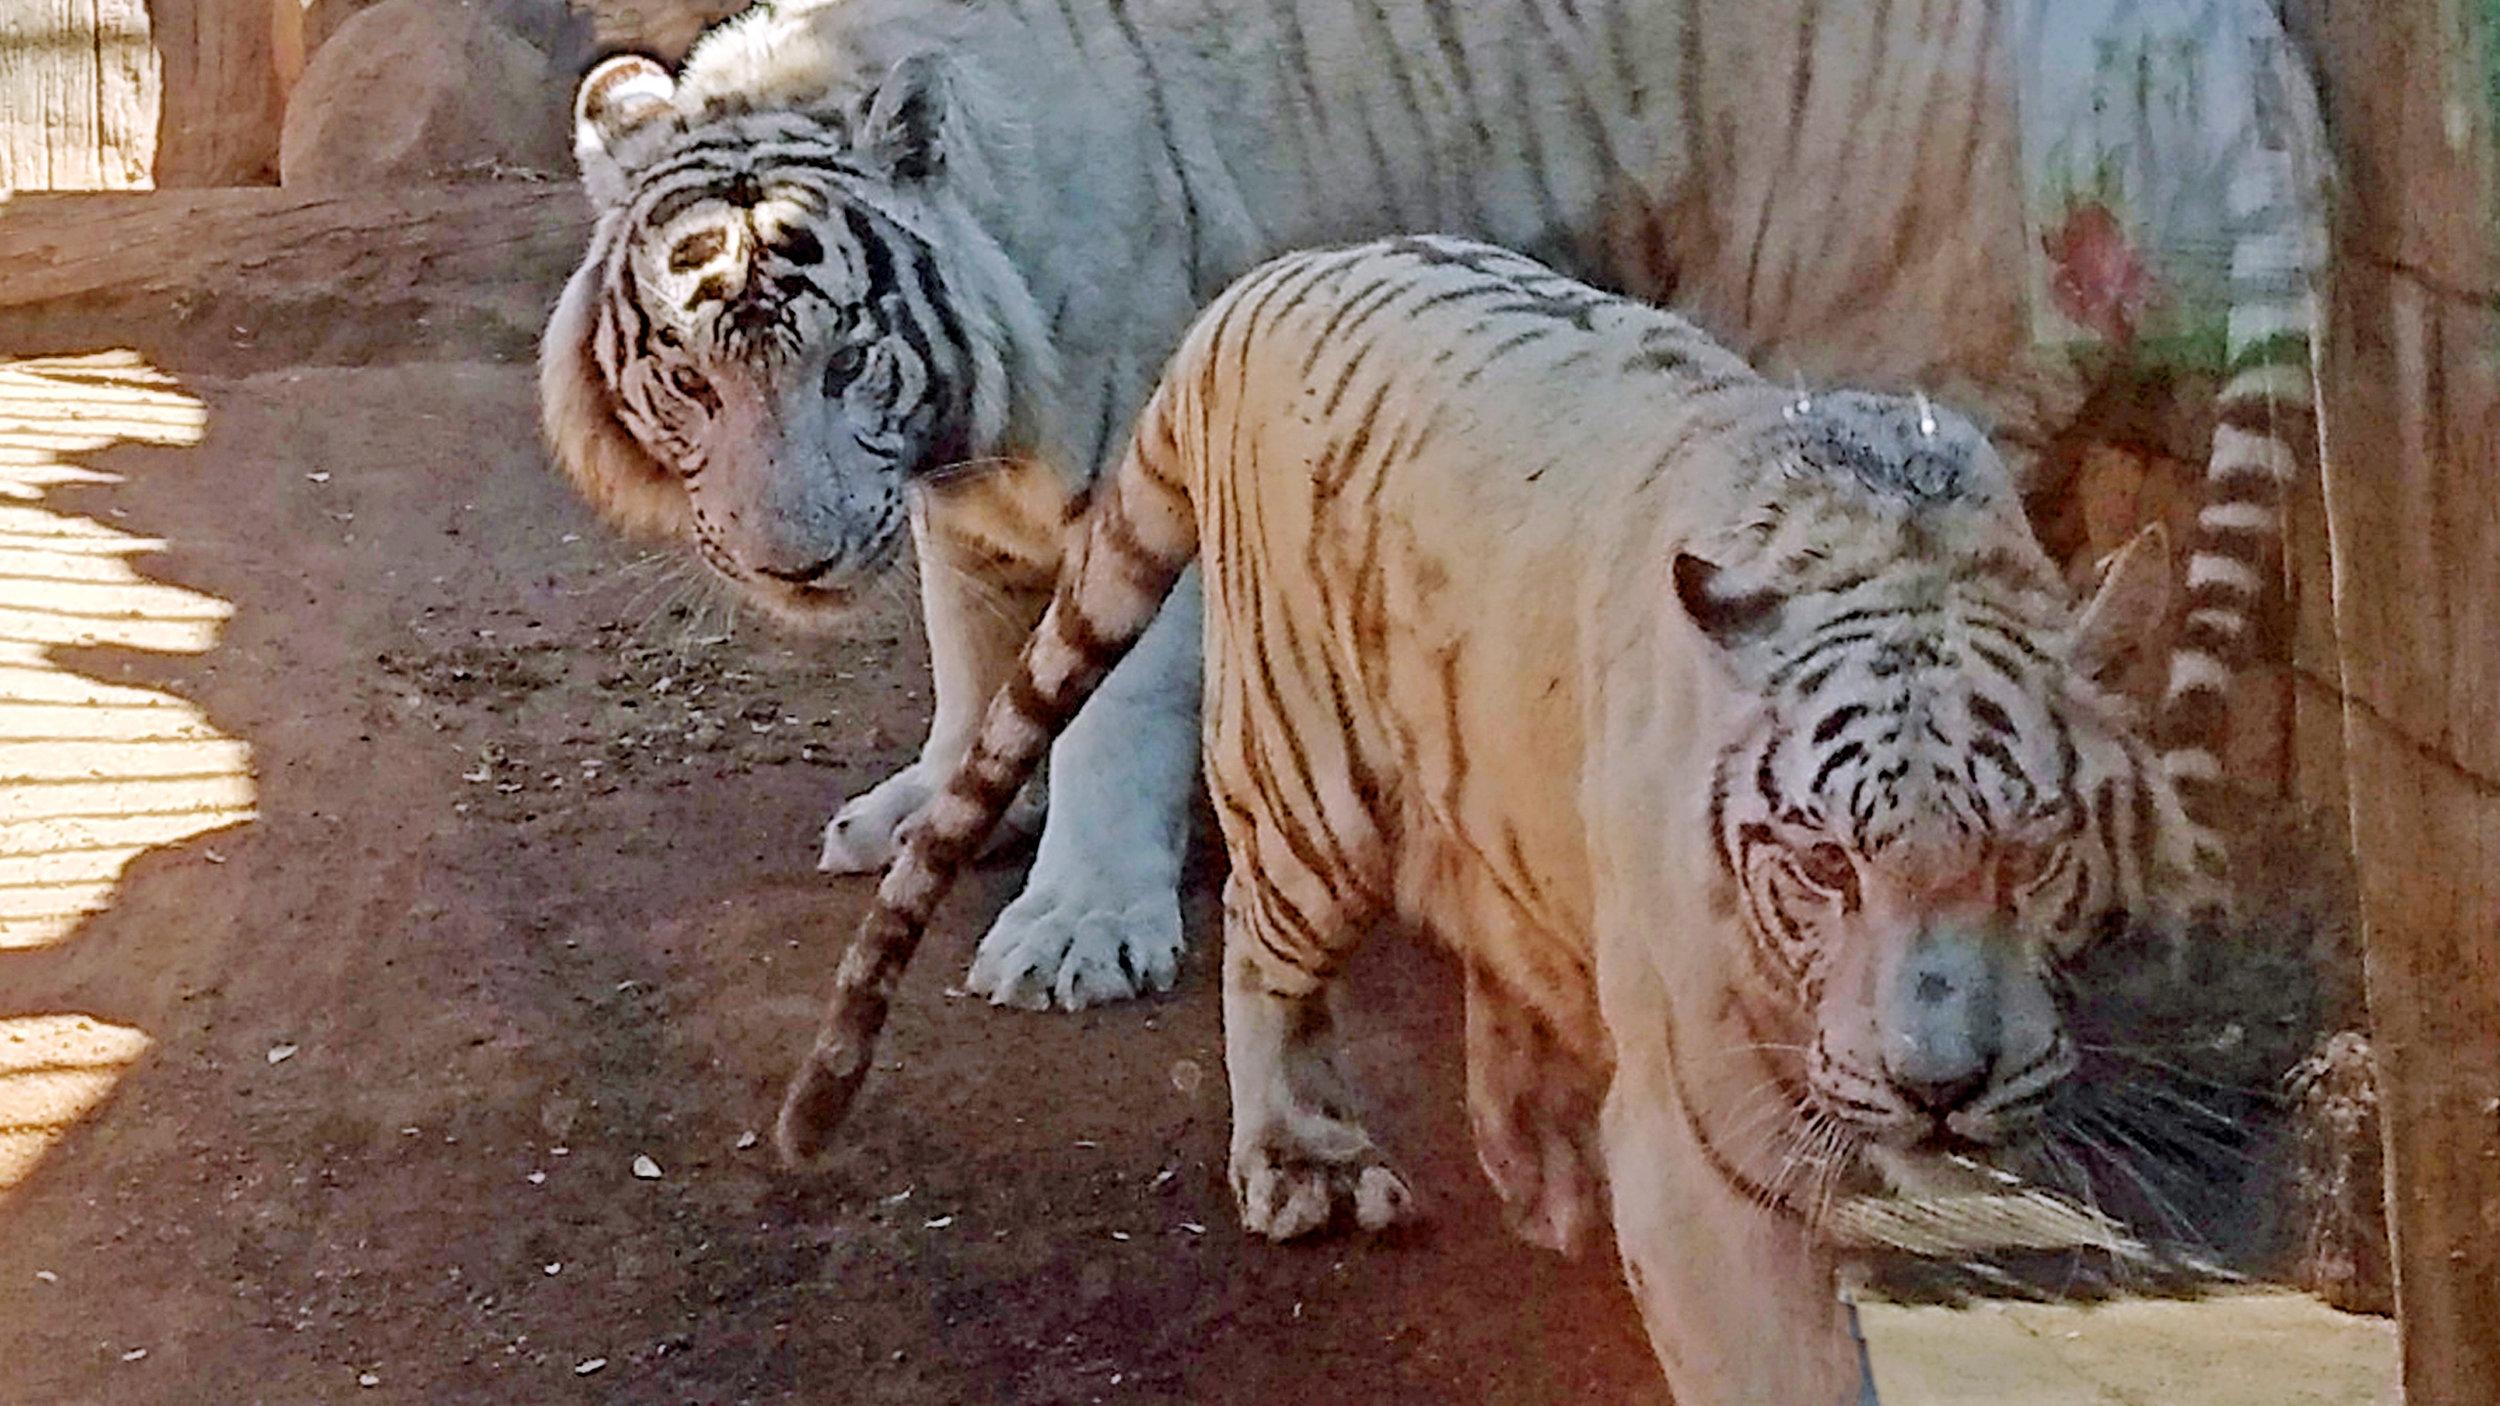 Desse to bengalske tigrane, ein hann og ei ho, var svært interesserte i kvarandre.